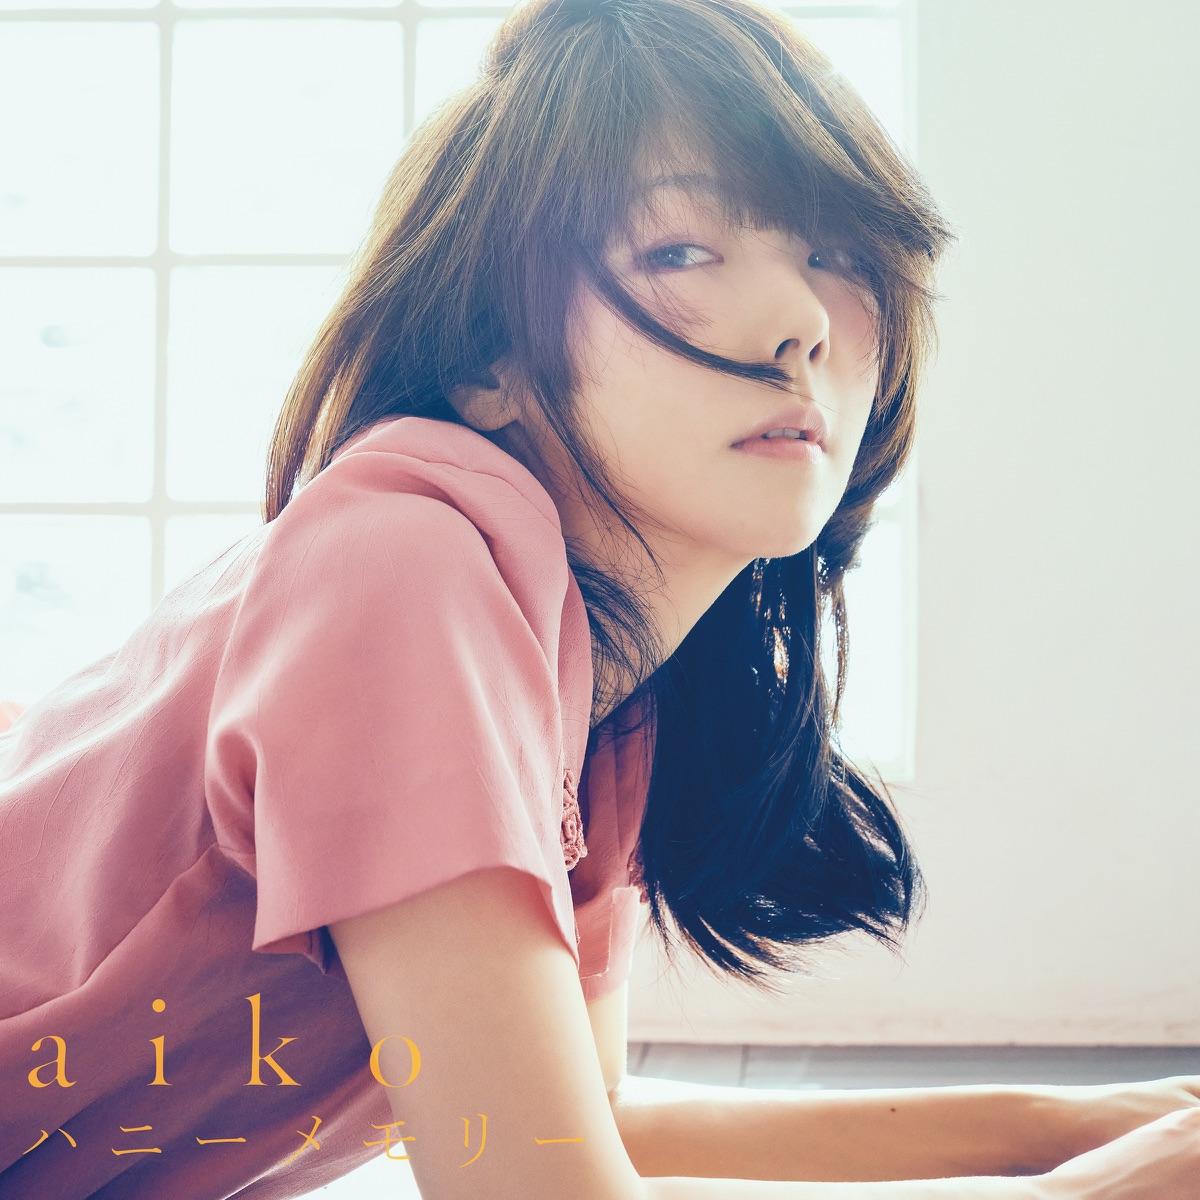 『aiko - ハニーメモリー 歌詞』収録の『ハニーメモリー』ジャケット